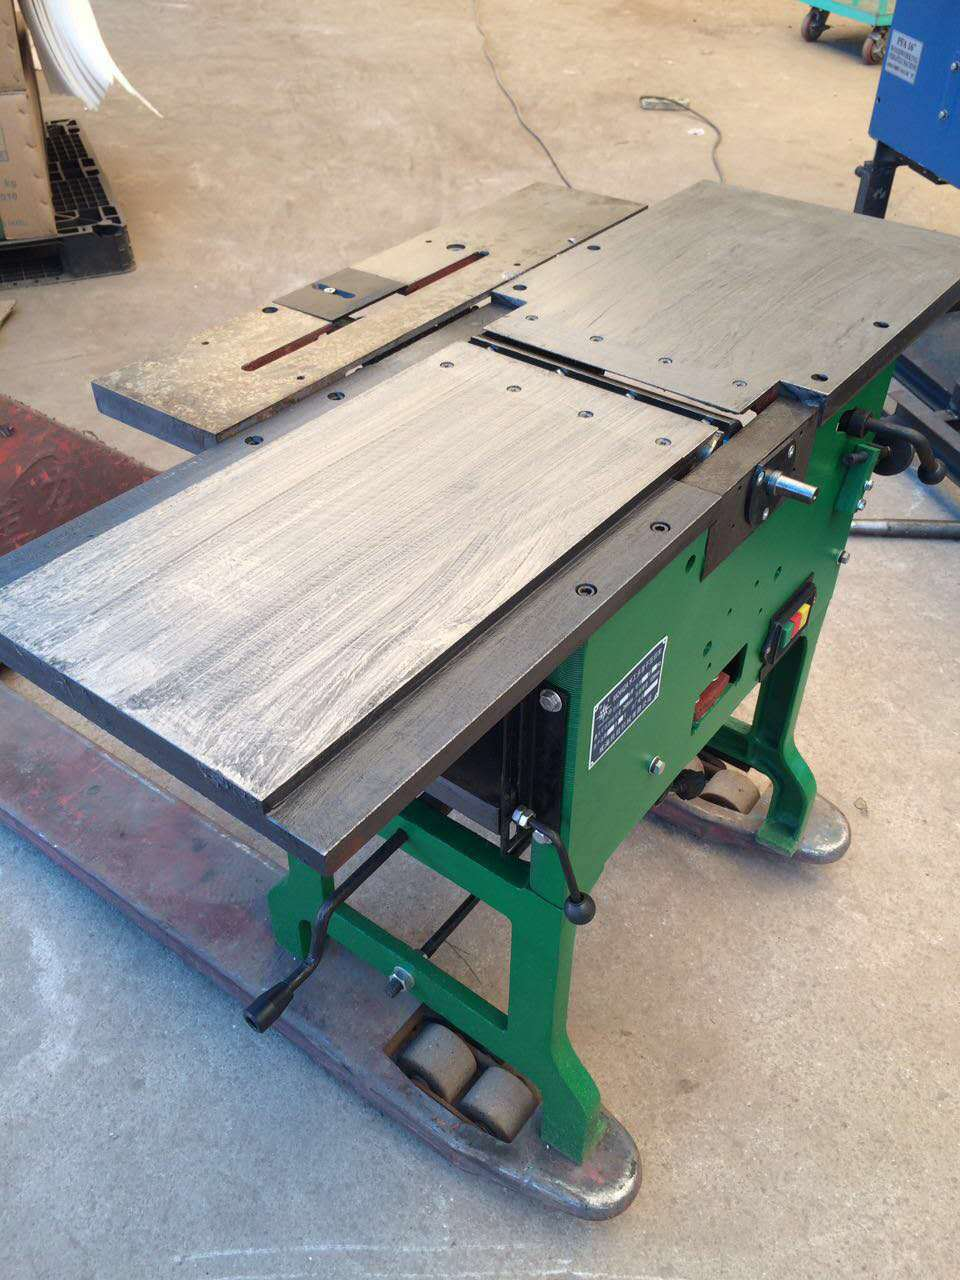 Tùy chỉnh đa mục đích phẳng planer Planer Durable new chế biến gỗ planer Phật Sơn chế biến gỗ máy mó